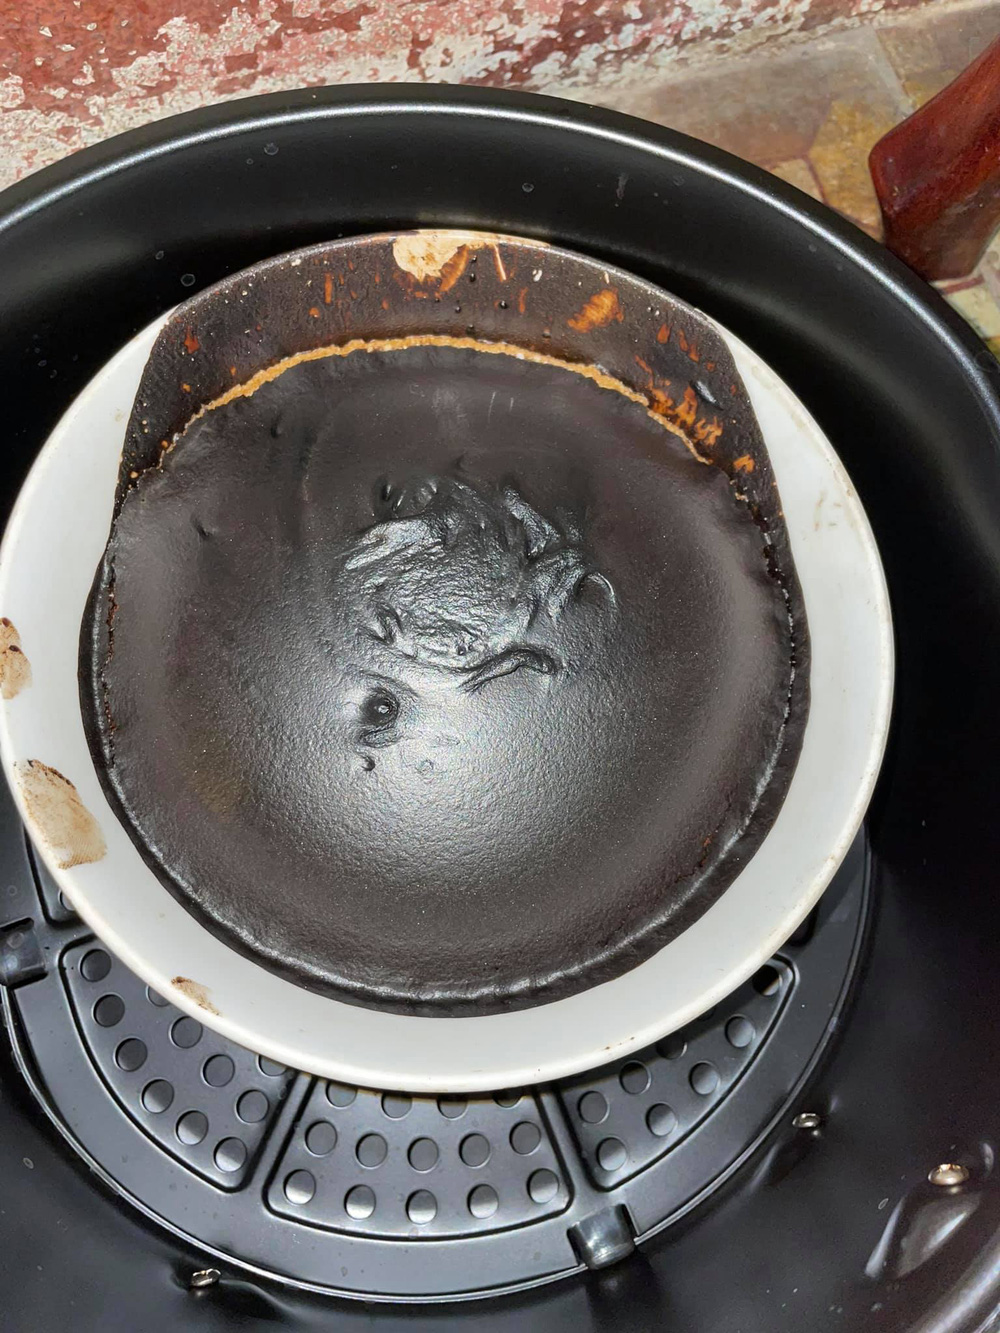 Ở nhà mùa dịch, hội chị em khoe thành quả phá bếp, ai nhìn cũng thất kinh trước món ăn thảm họa - Ảnh 4.